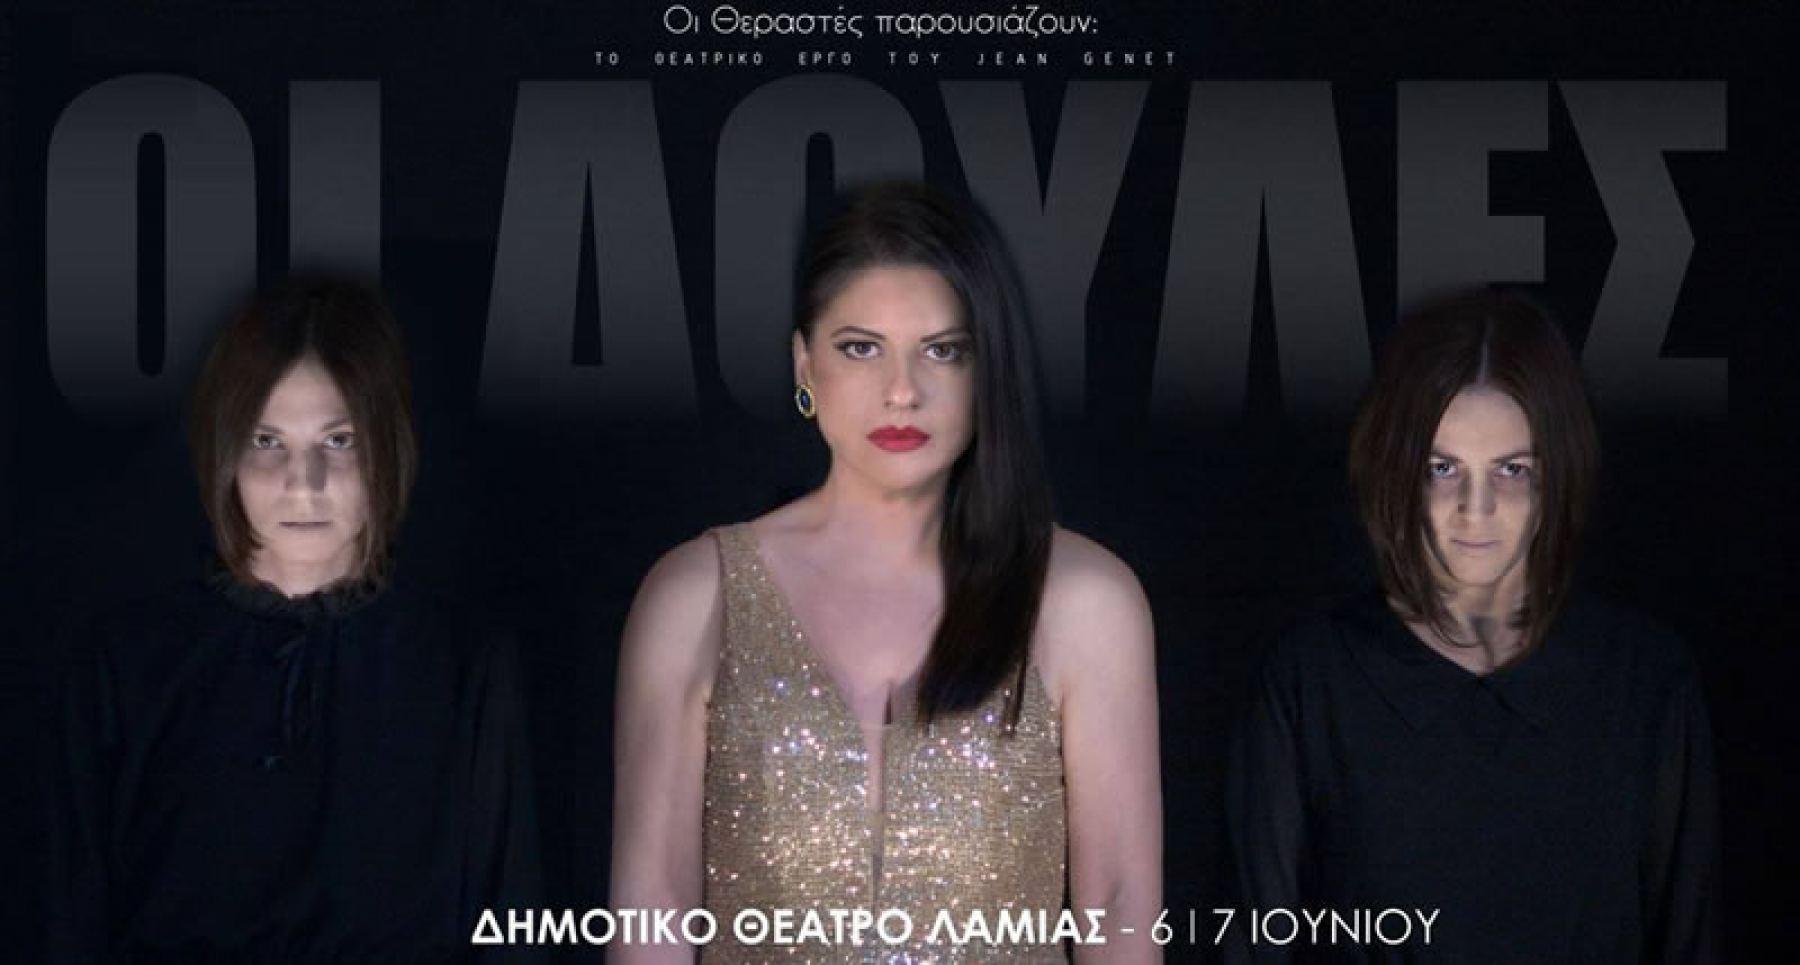 «Οι Δούλες»: Αύριο Τρίτη στο Δημοτικό Θέατρο Λαμίας - Δείτε το υπέροχο κινηματογραφικό trailer